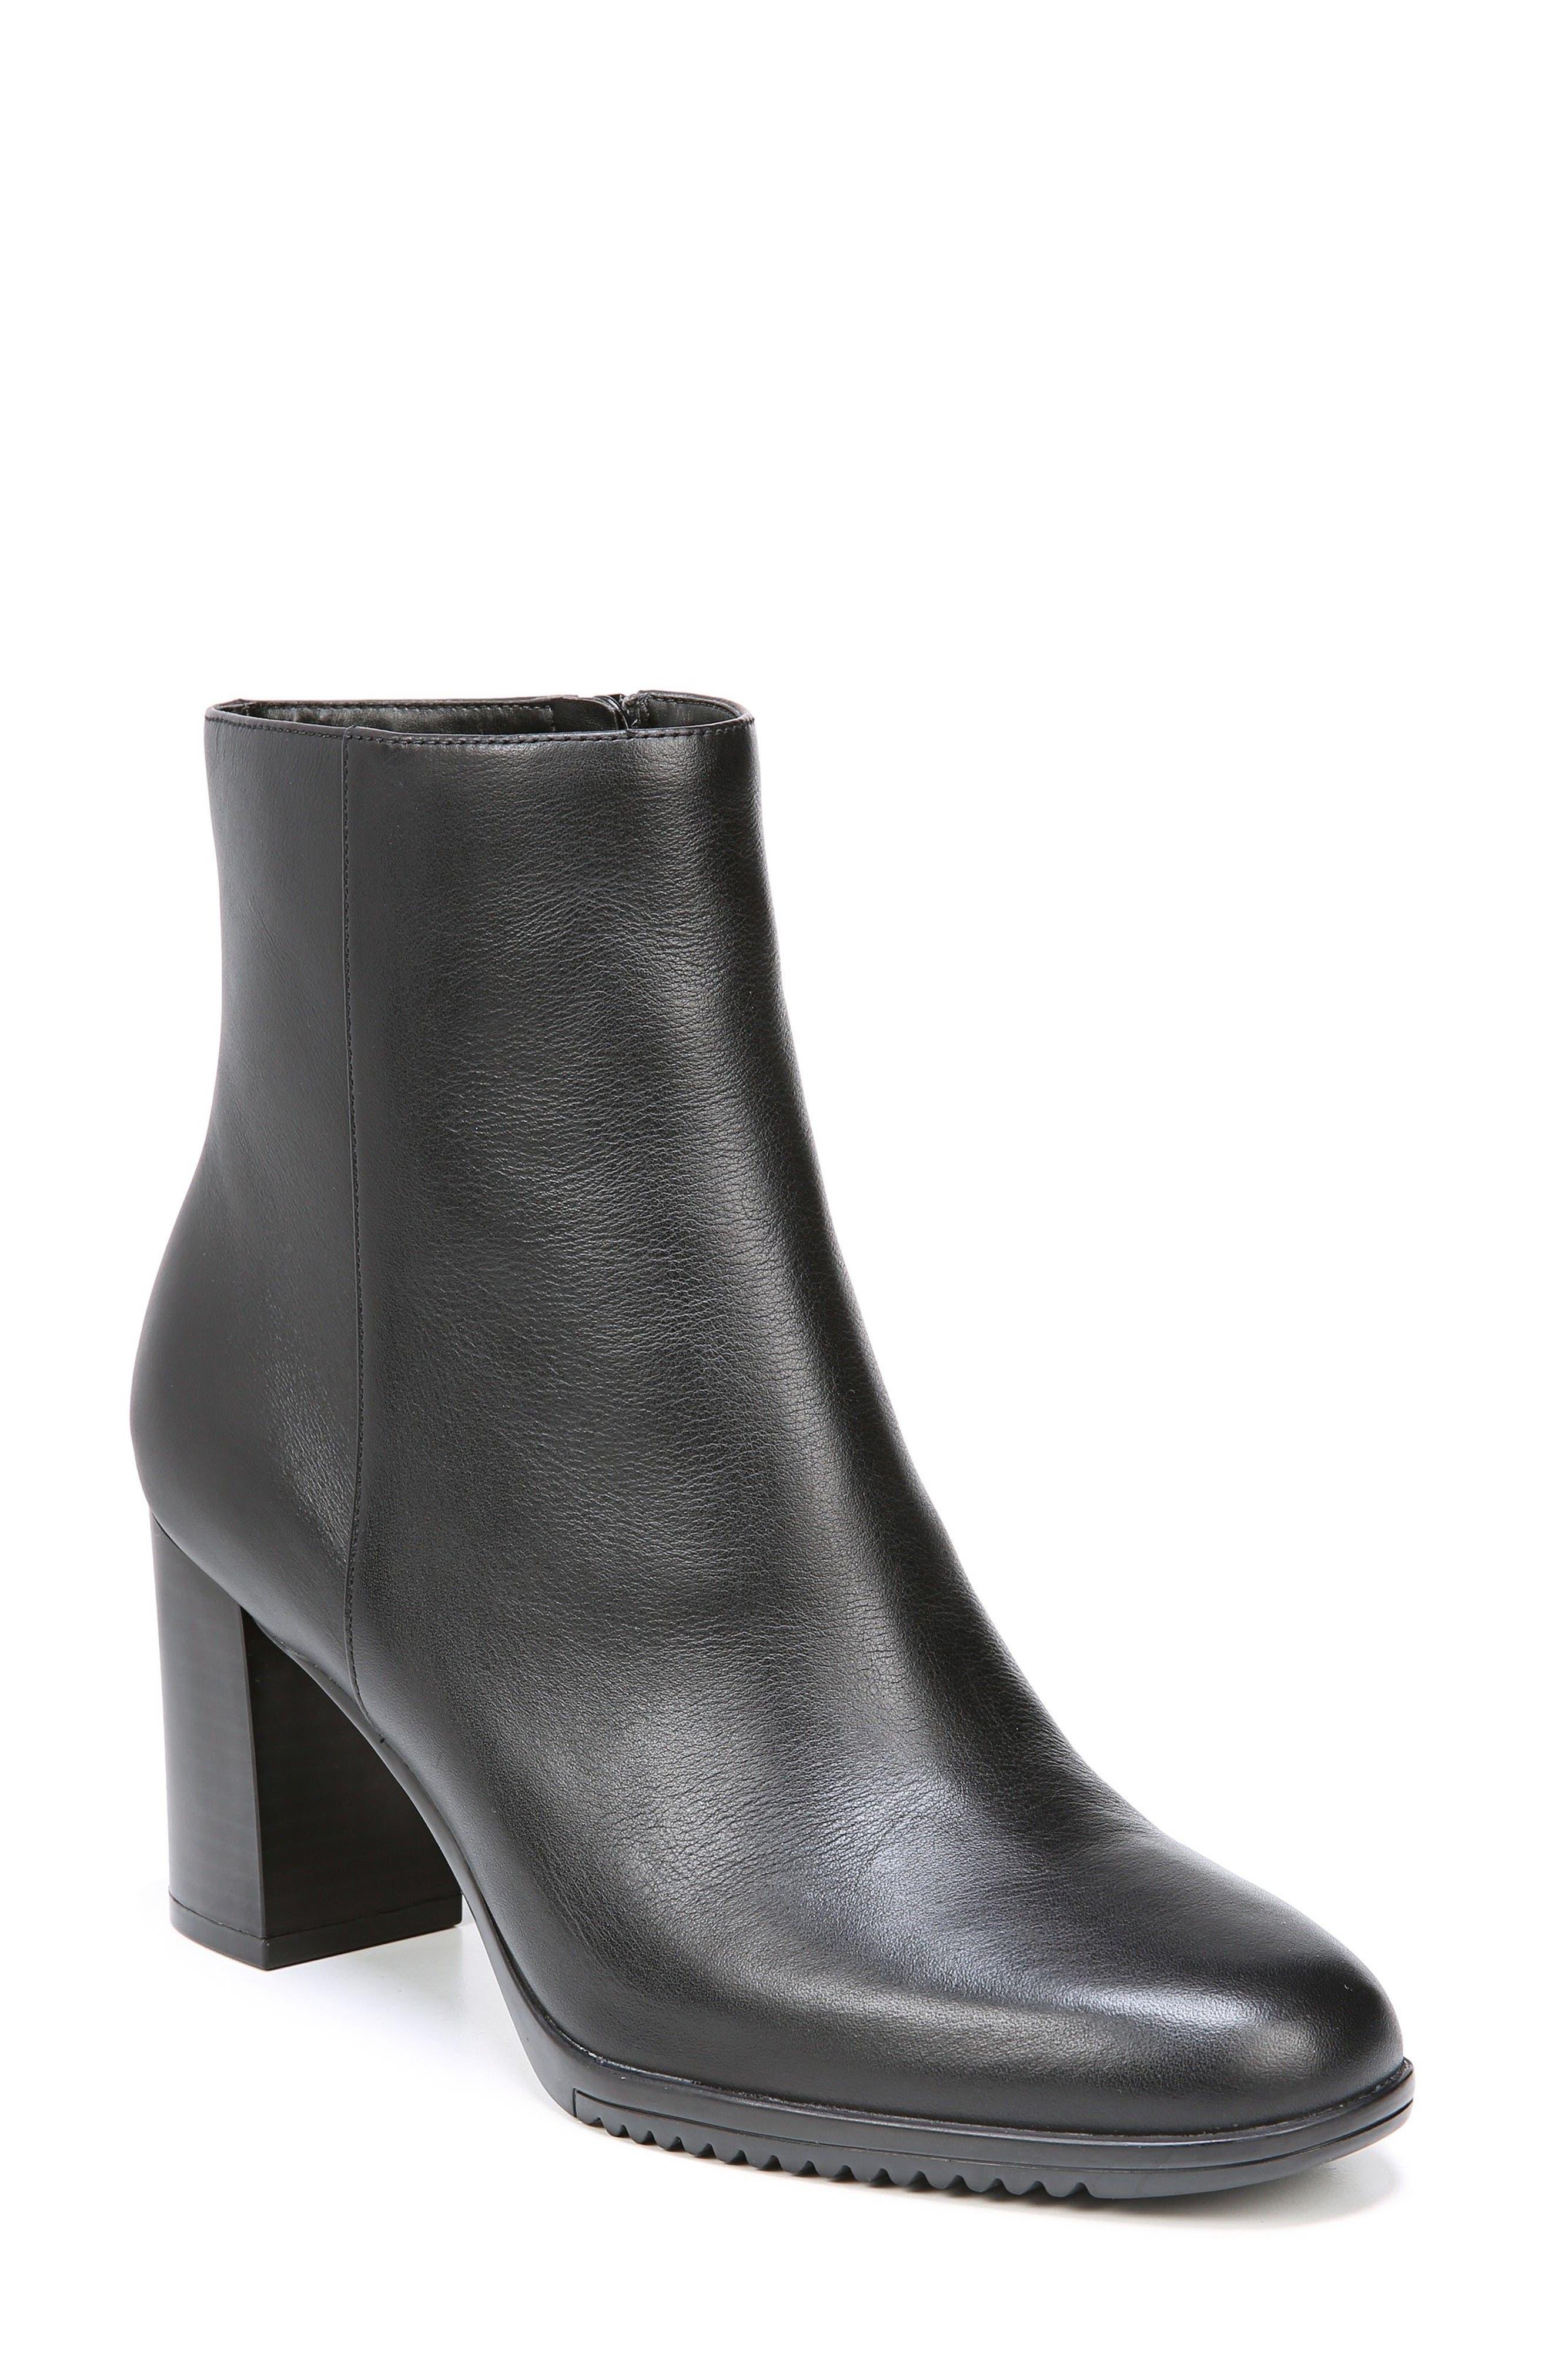 Sadie Waterproof Bootie,                             Main thumbnail 1, color,                             Black Leather